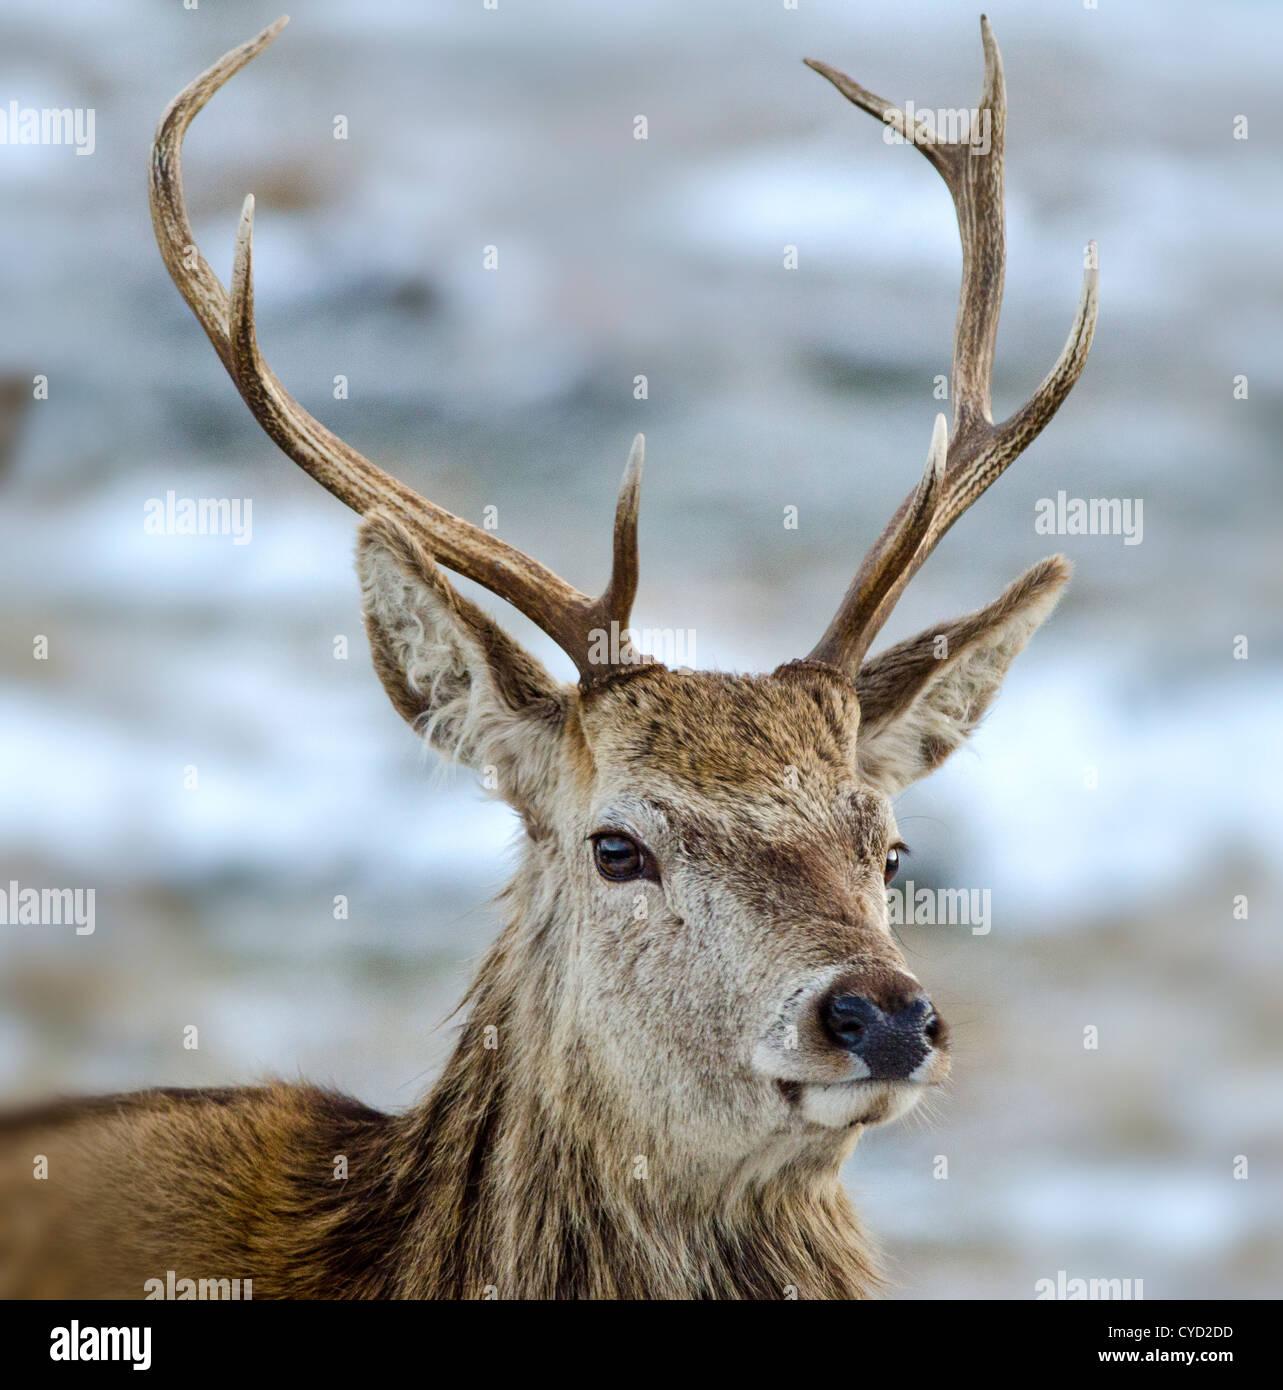 Un ciervo ciervo en invierno Foto de stock